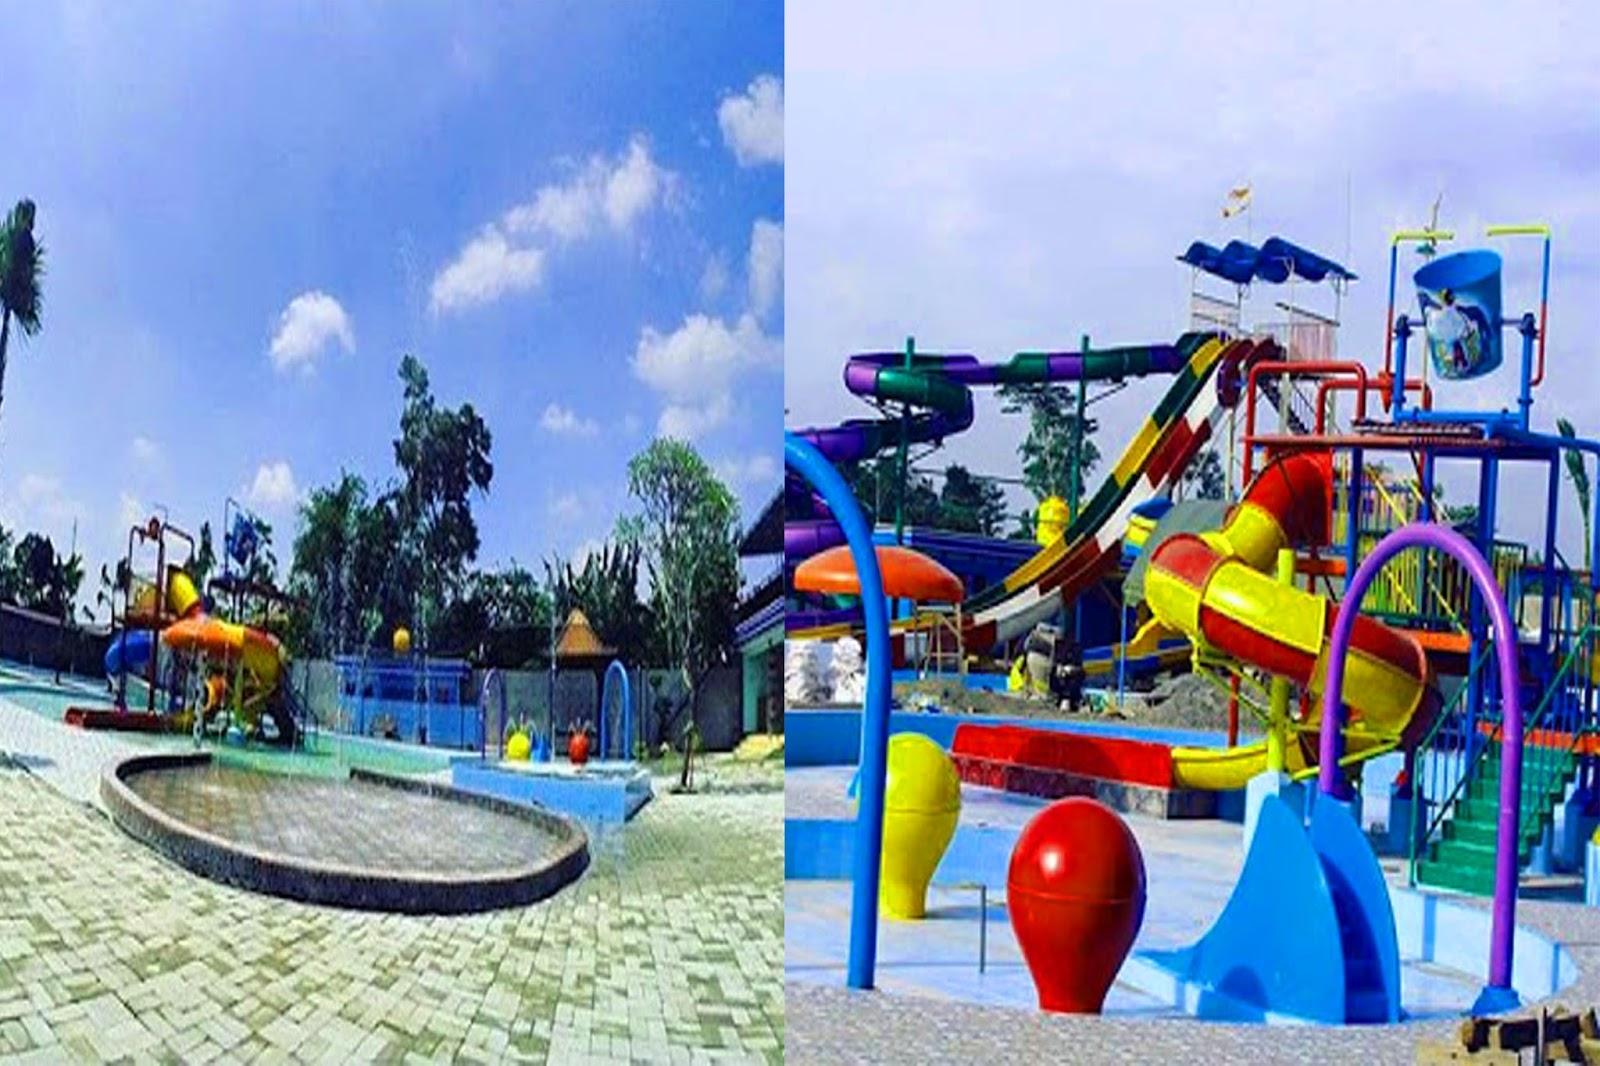 Splash Waterpark Tulungagung Wisata Keluarga Taman Air Kab